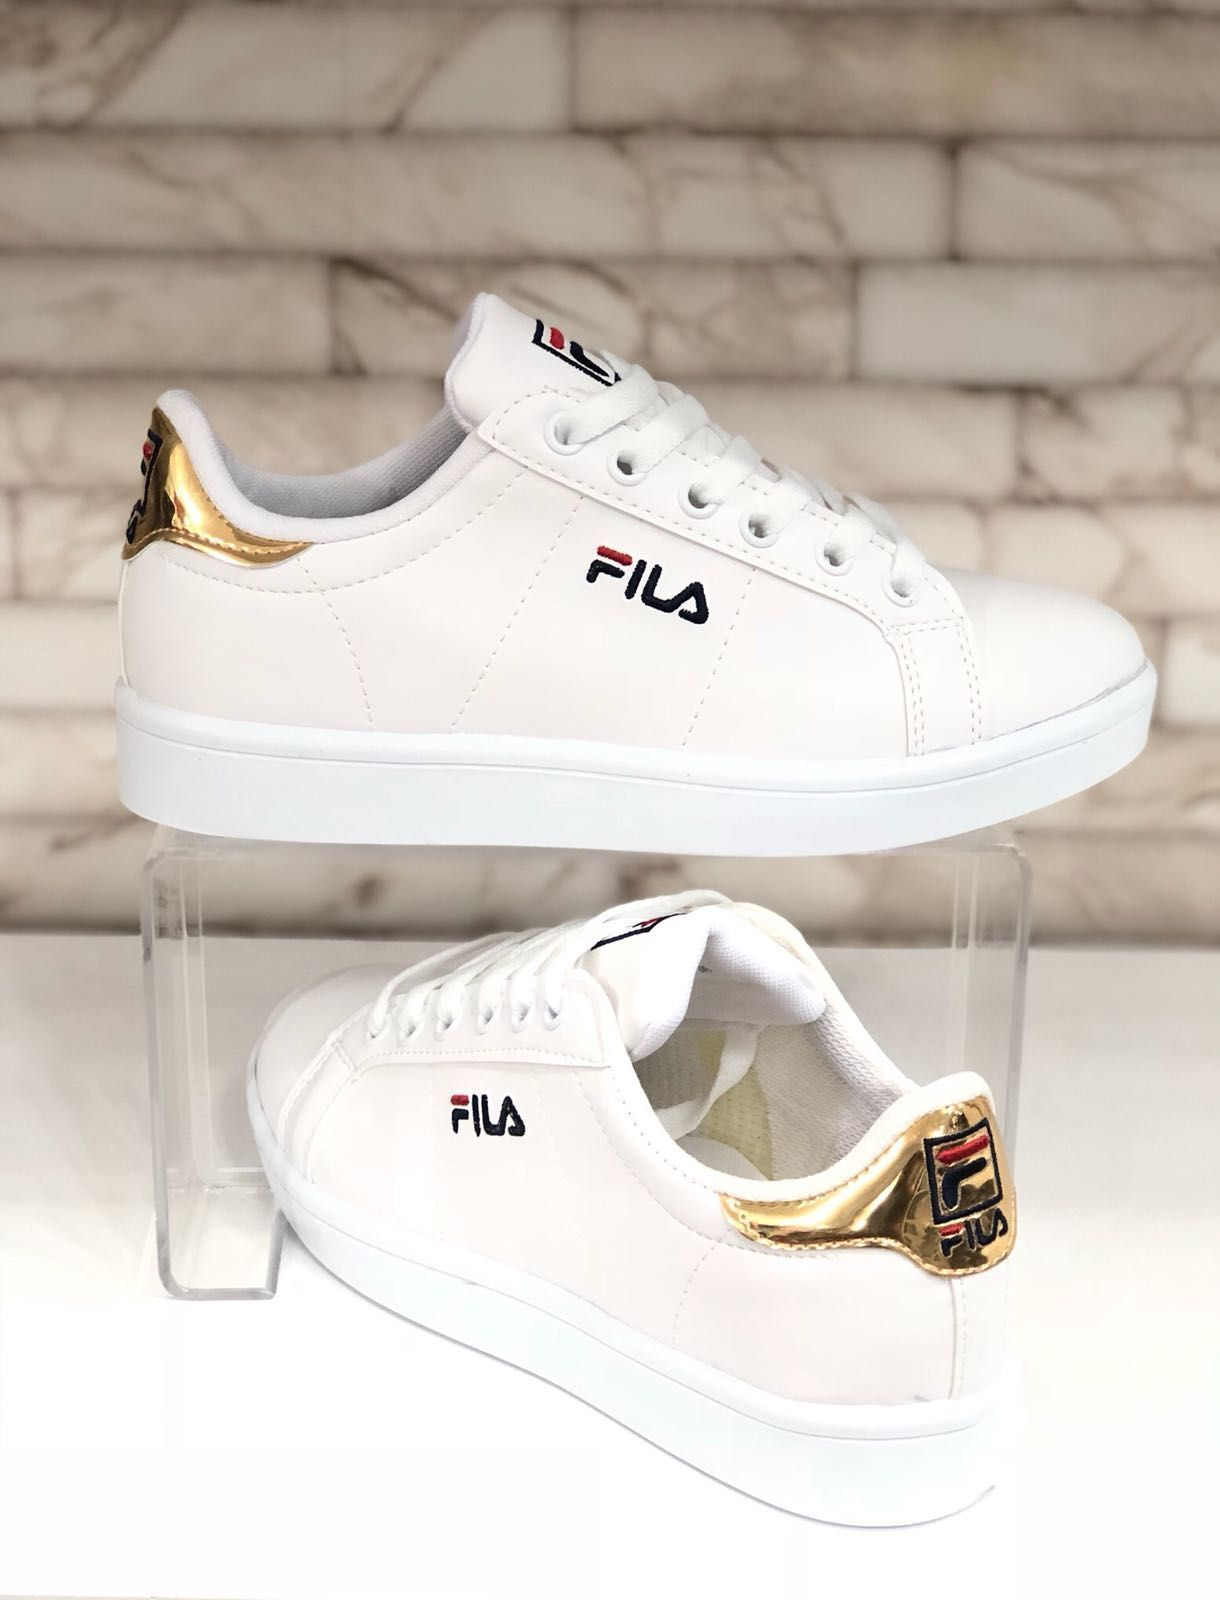 Tênis Femininos | Tenis sapato, Sapatos adidas, Tenis